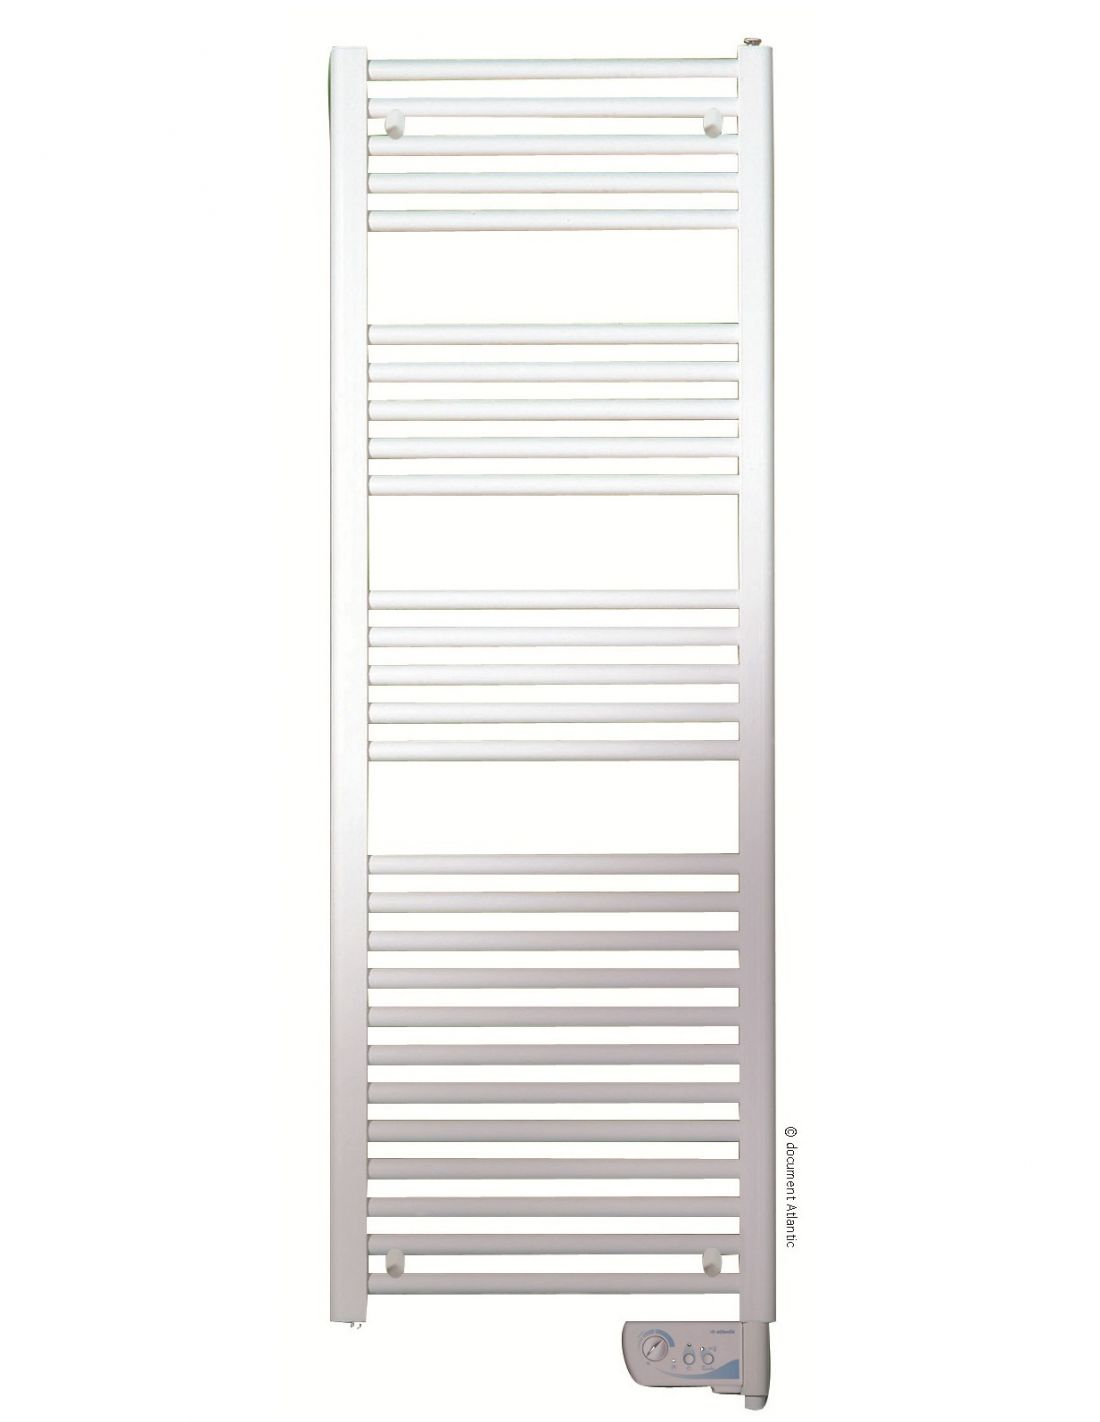 Atlantic RSS 2012 750W-os törölközőszárító radiátor - elektromoskonvektorok.hu